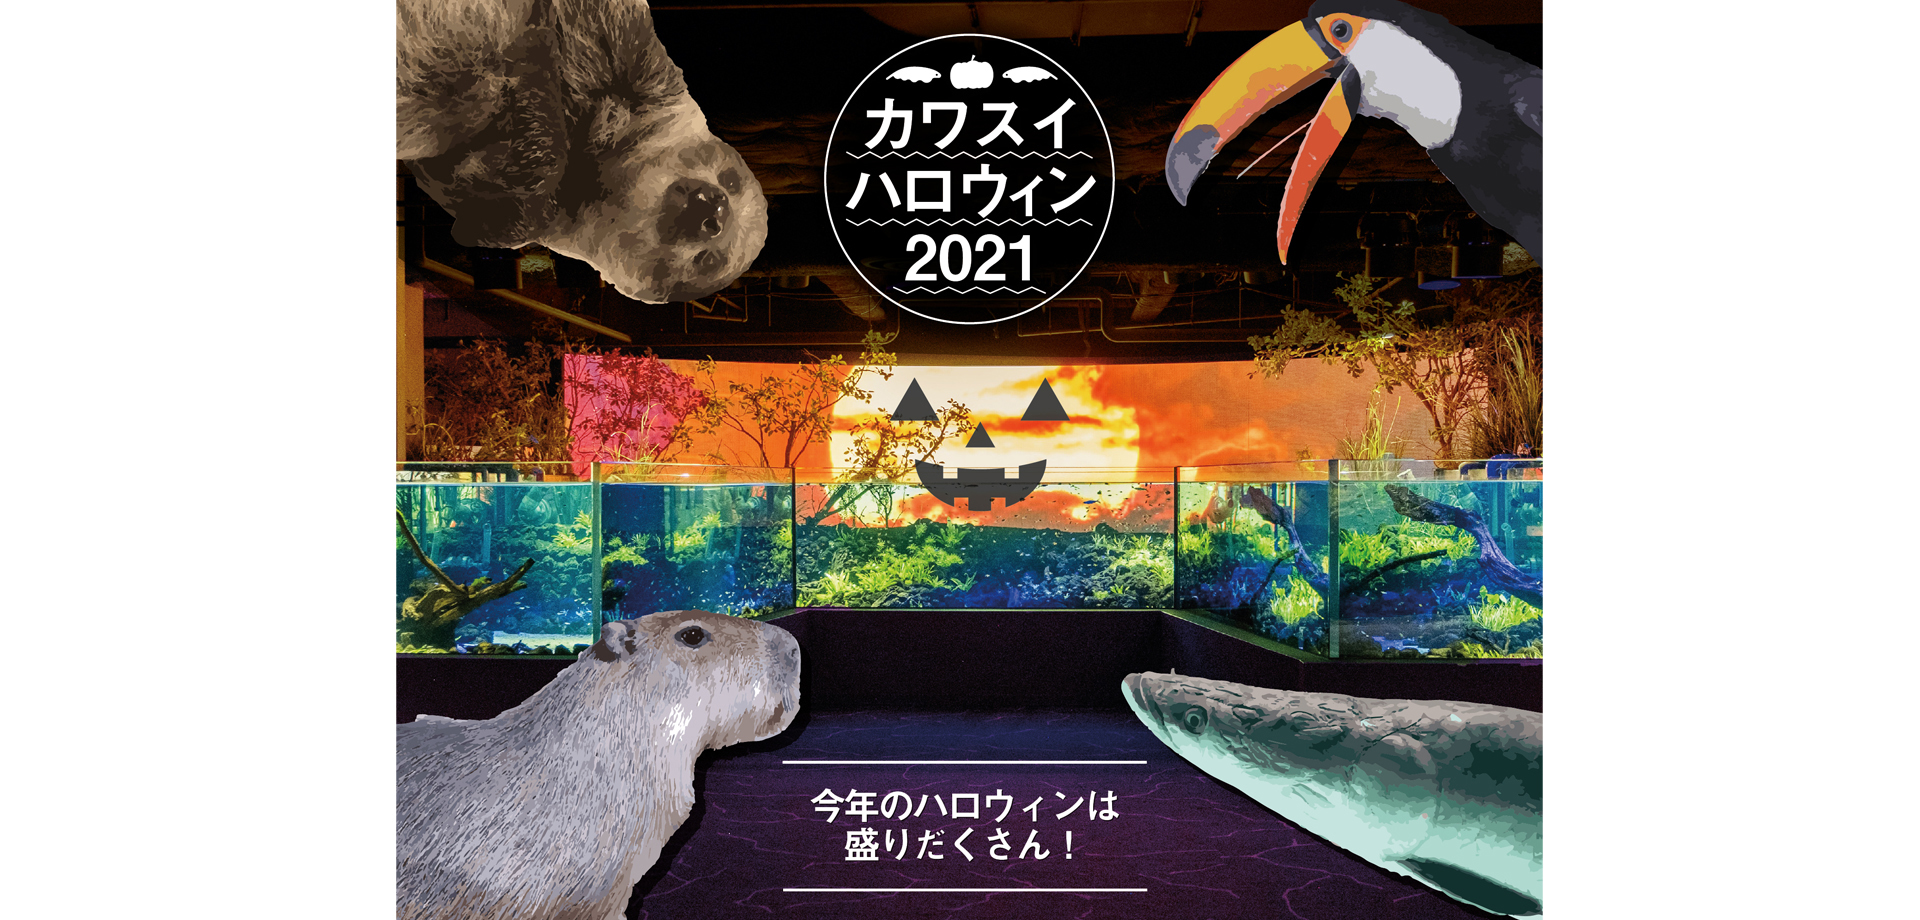 カワスイハロウィン2021